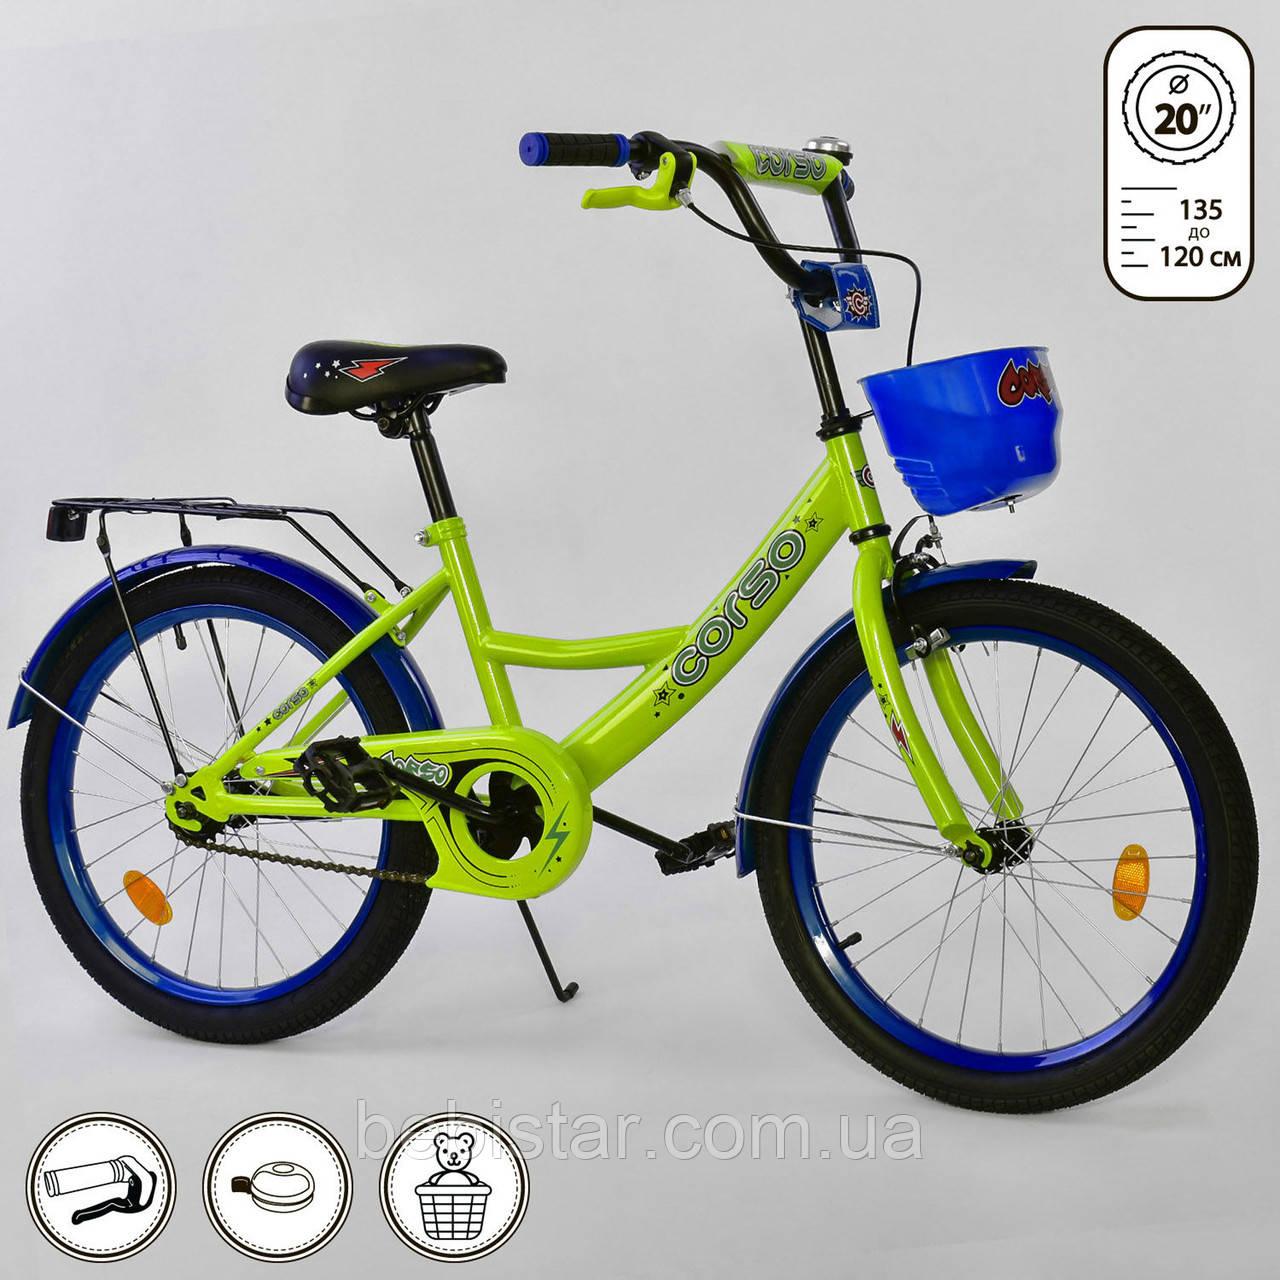 """Дитячий двоколісний велосипед салатовий, підніжка, ручне гальмо Corso 20"""" дітям 6-9 років"""